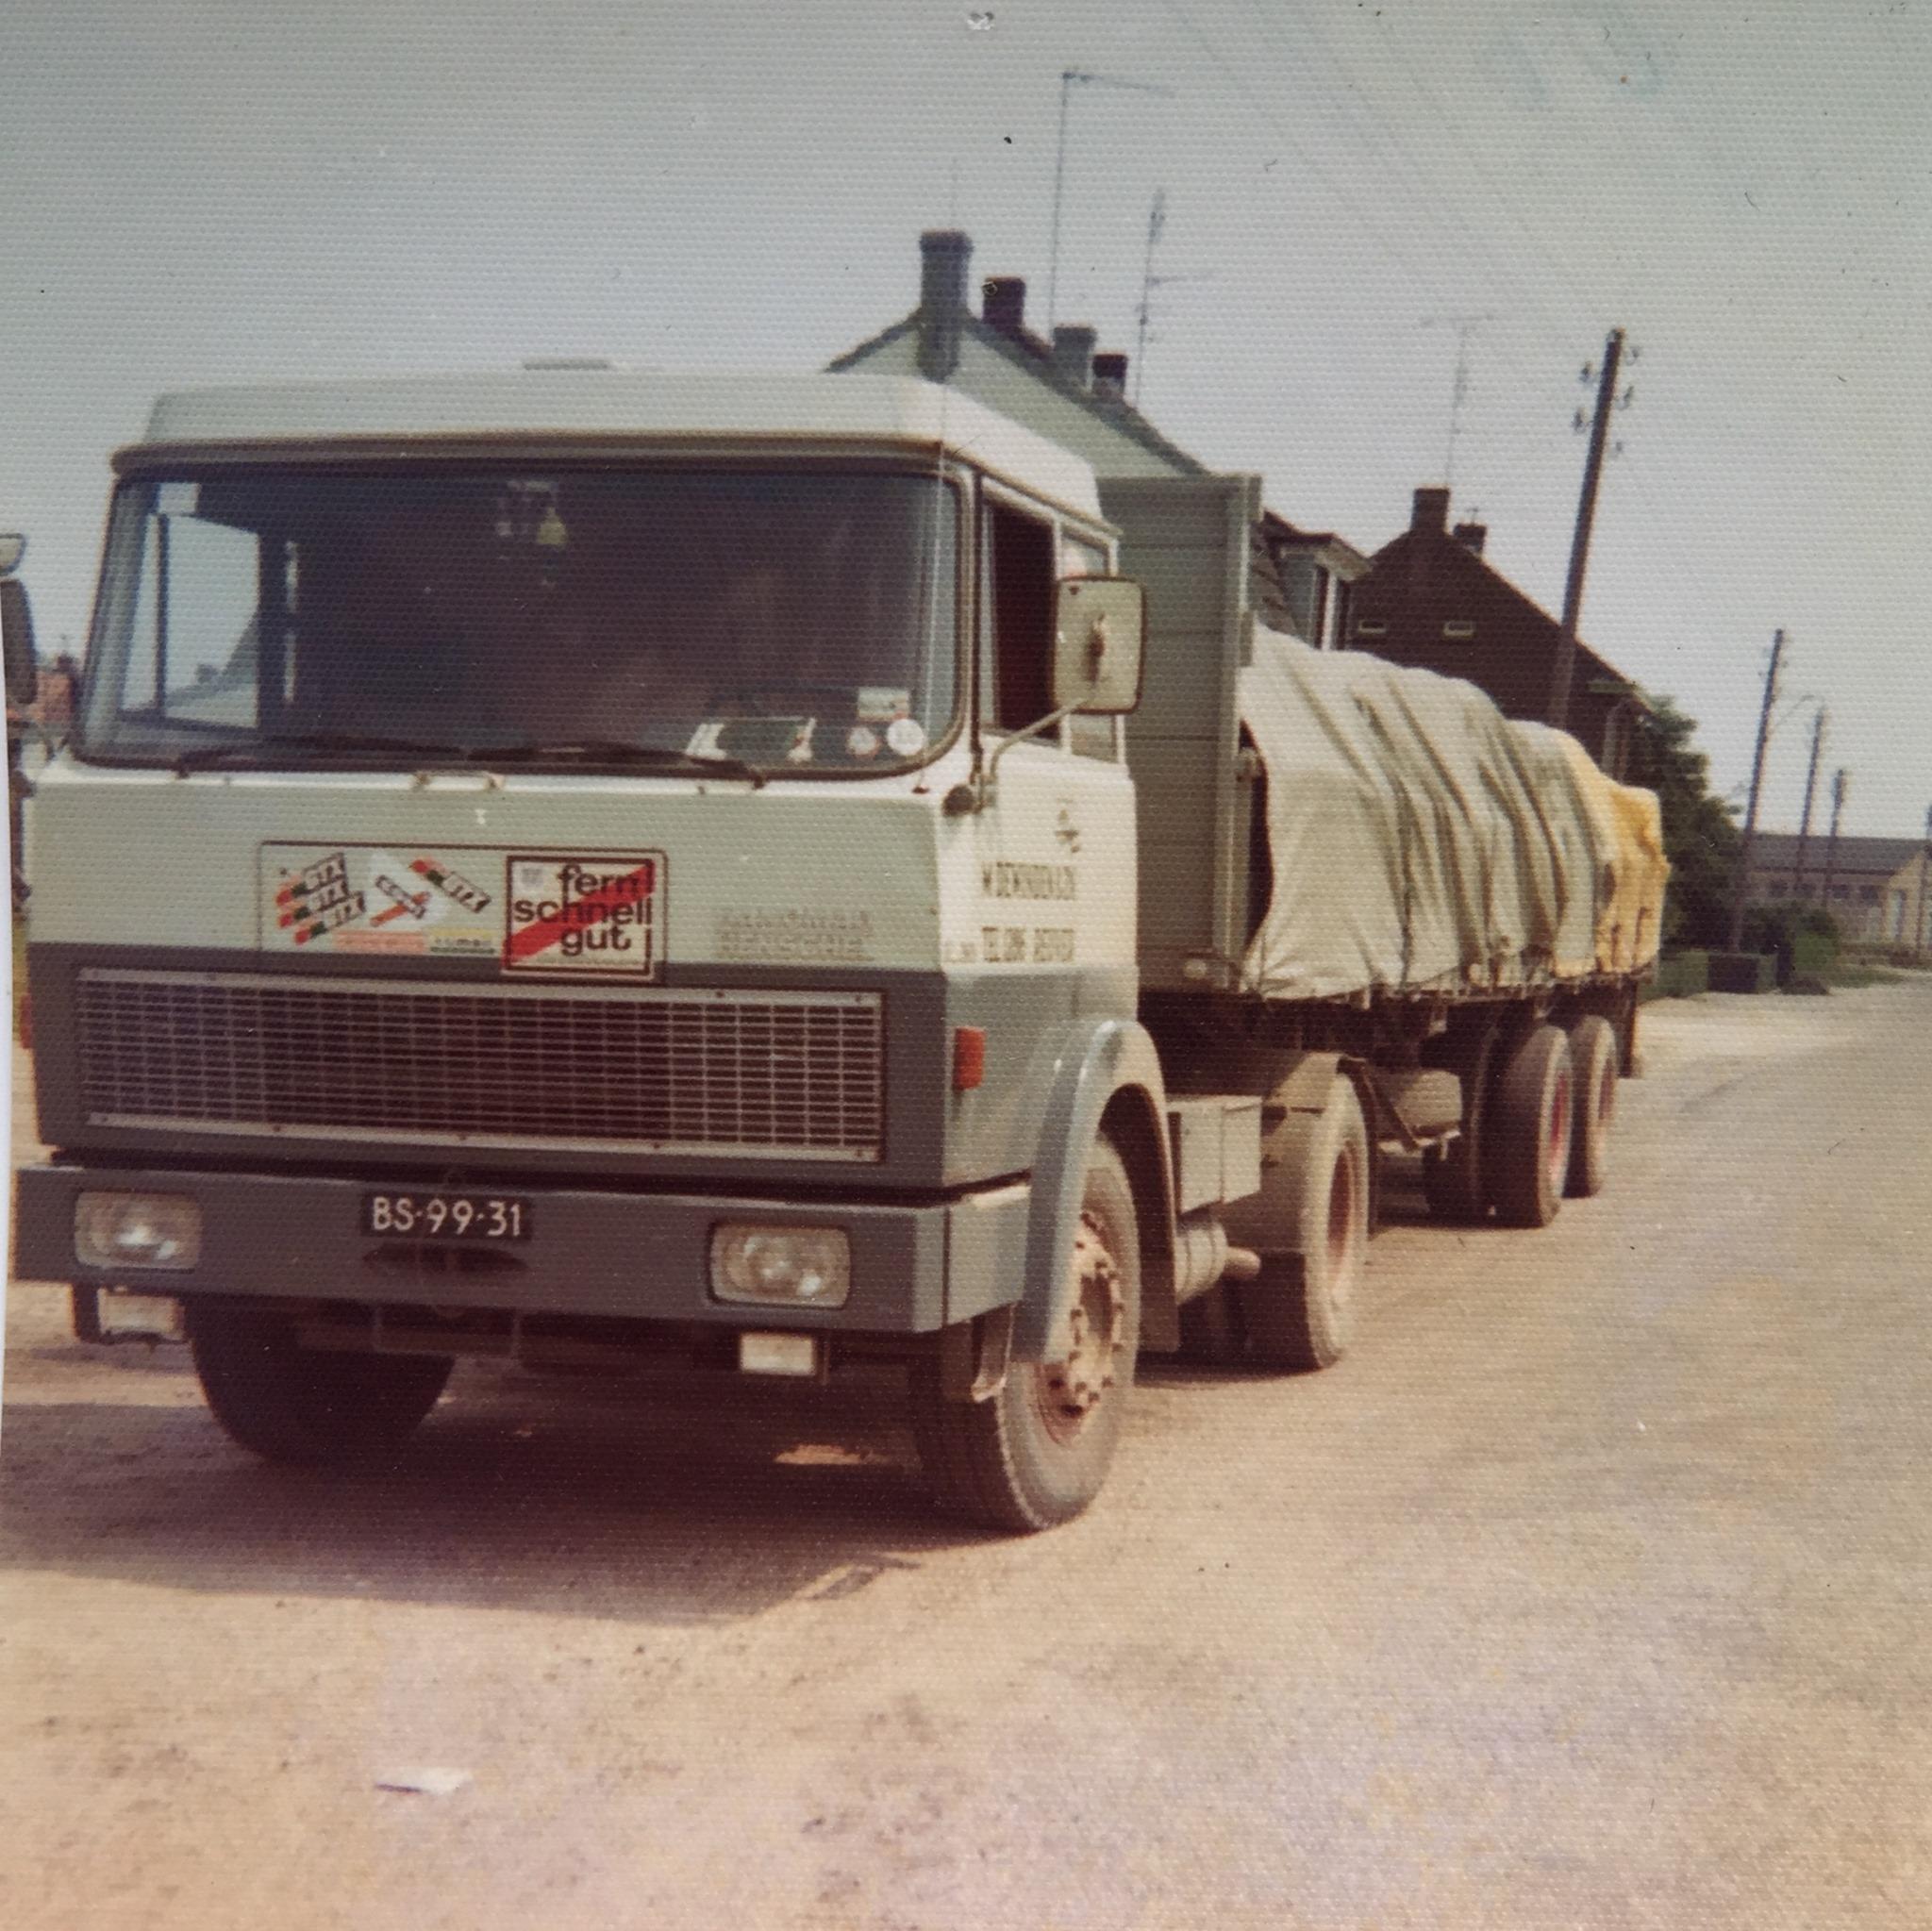 Henschel-Hanomag-Broeklaan-1975-Jan-vd-Heuvel-gelade-met-charmot--